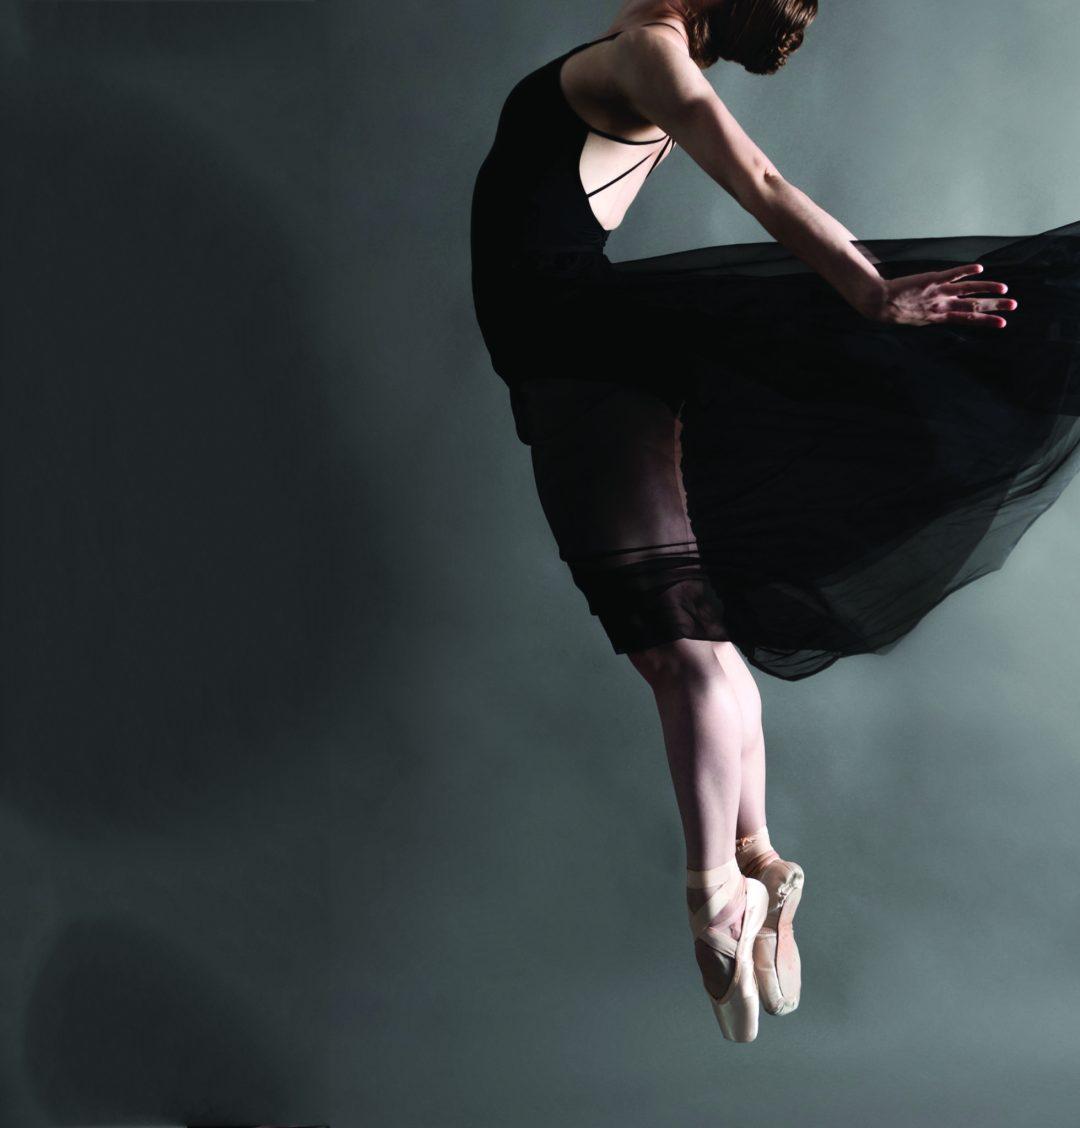 Saint Paul Ballet. Image by Leslie Plesser